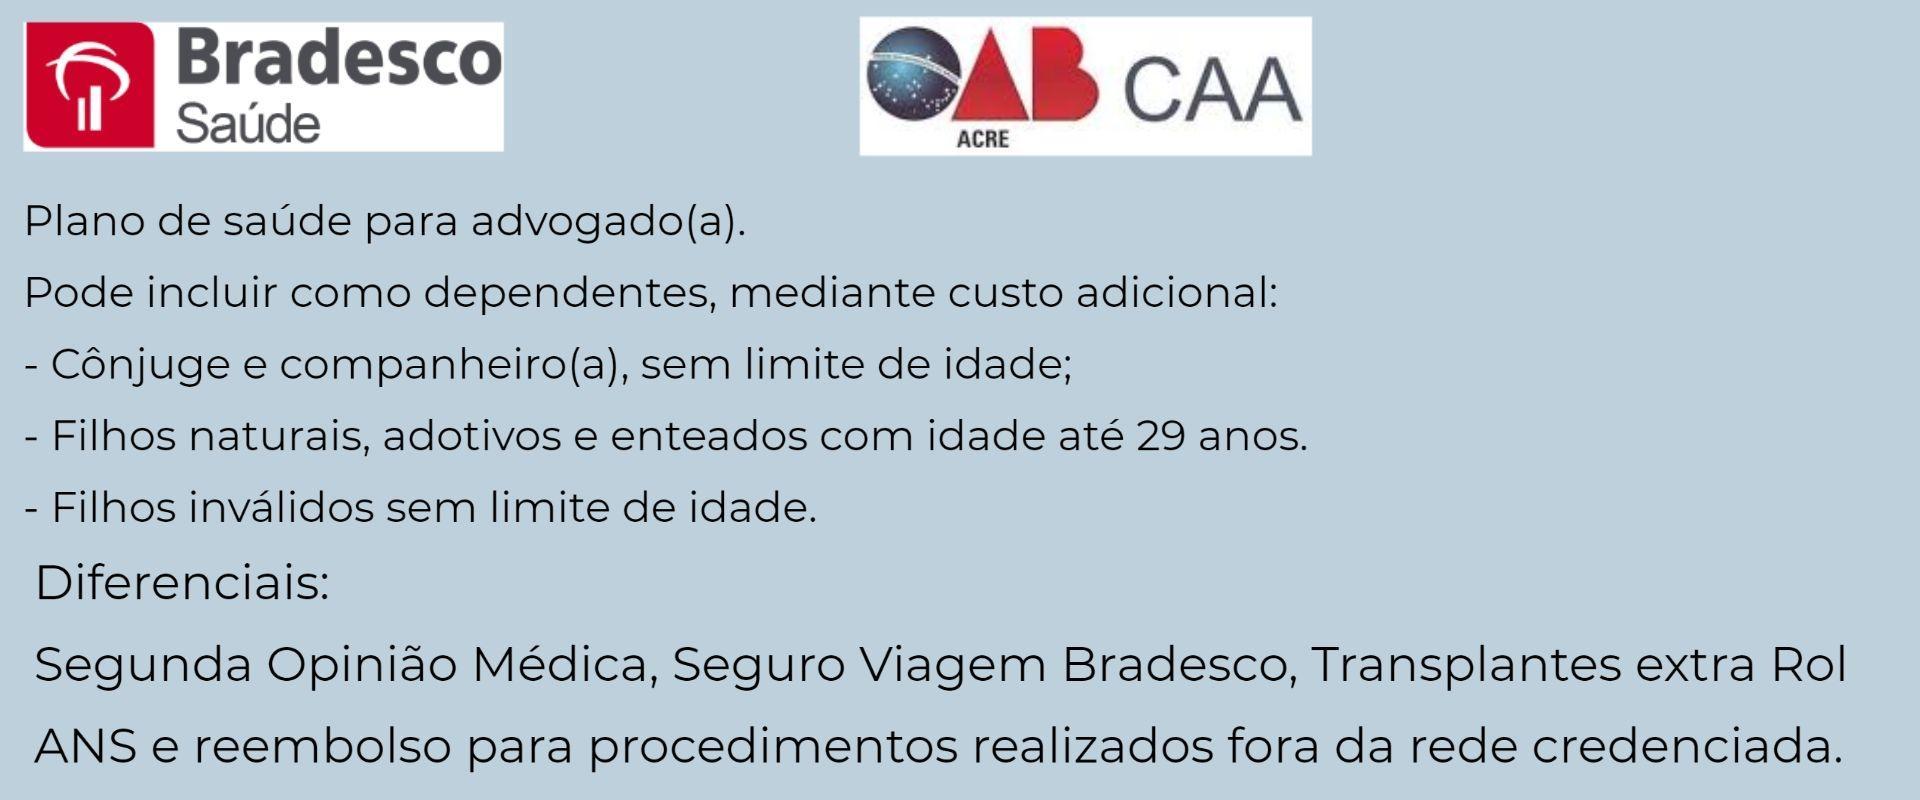 Bradesco Saúde CAA-AC